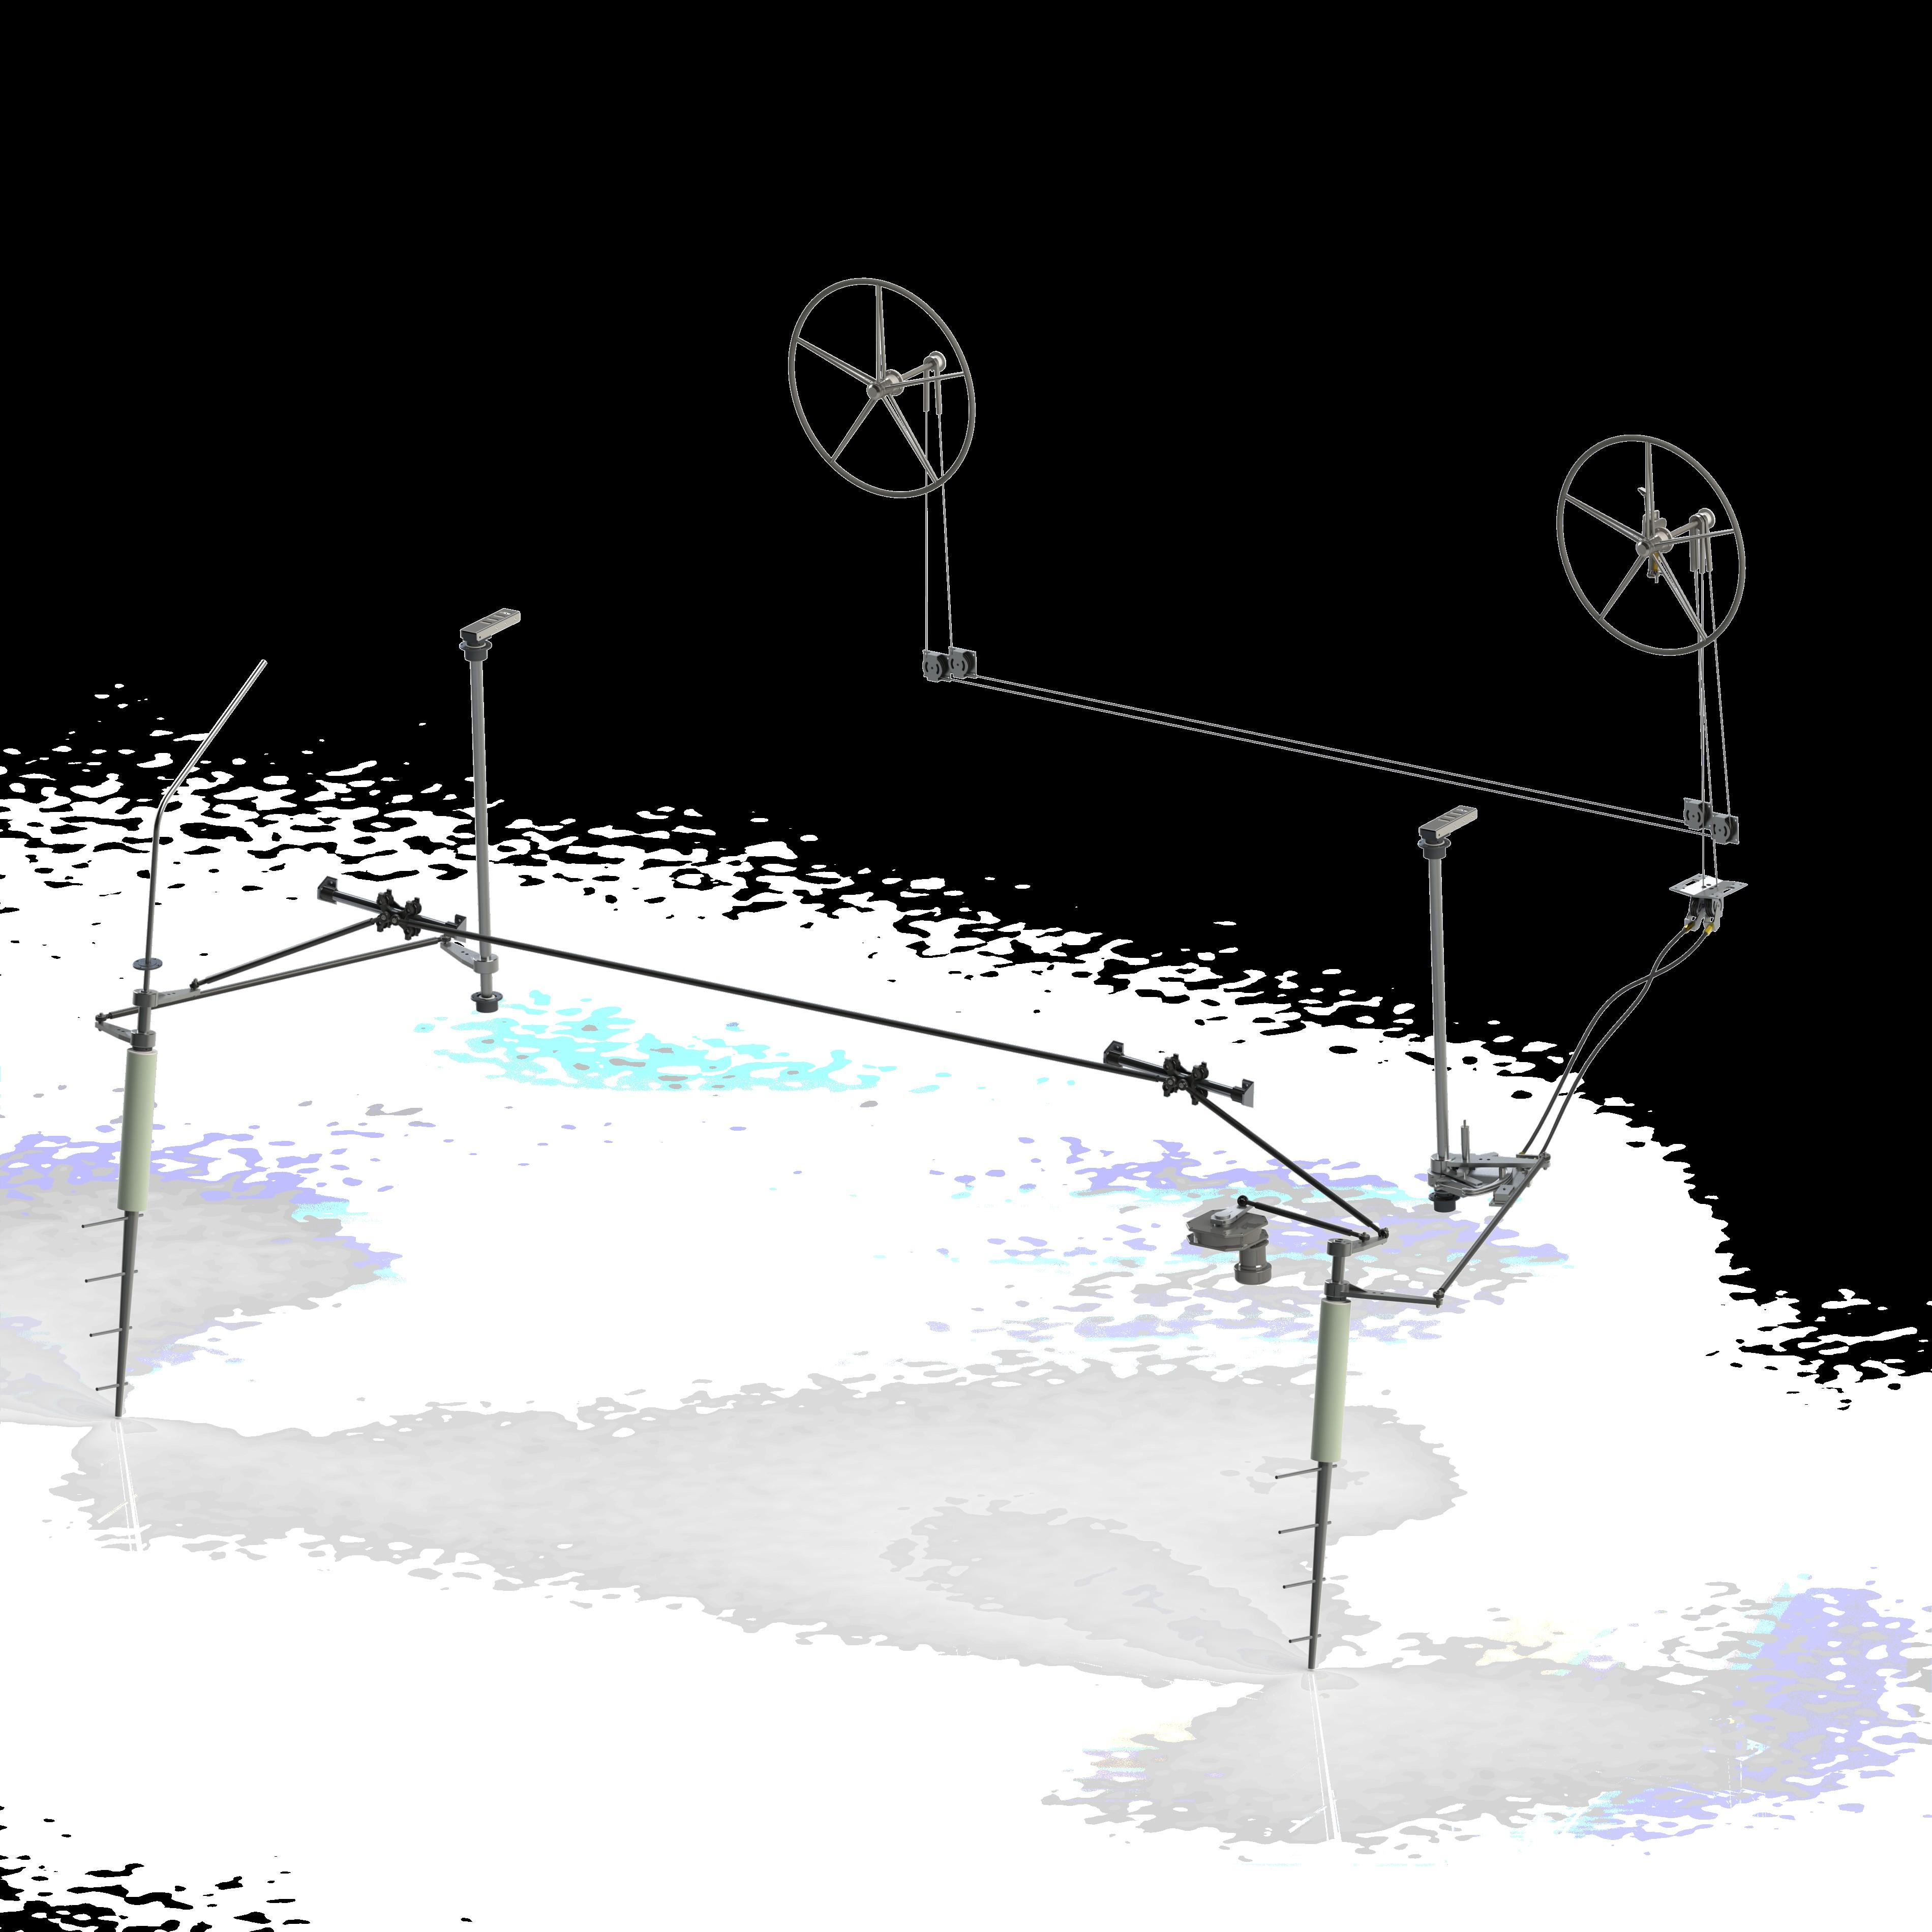 Diagram Of Steering System Jefa Steering Aps Of Diagram Of Steering System